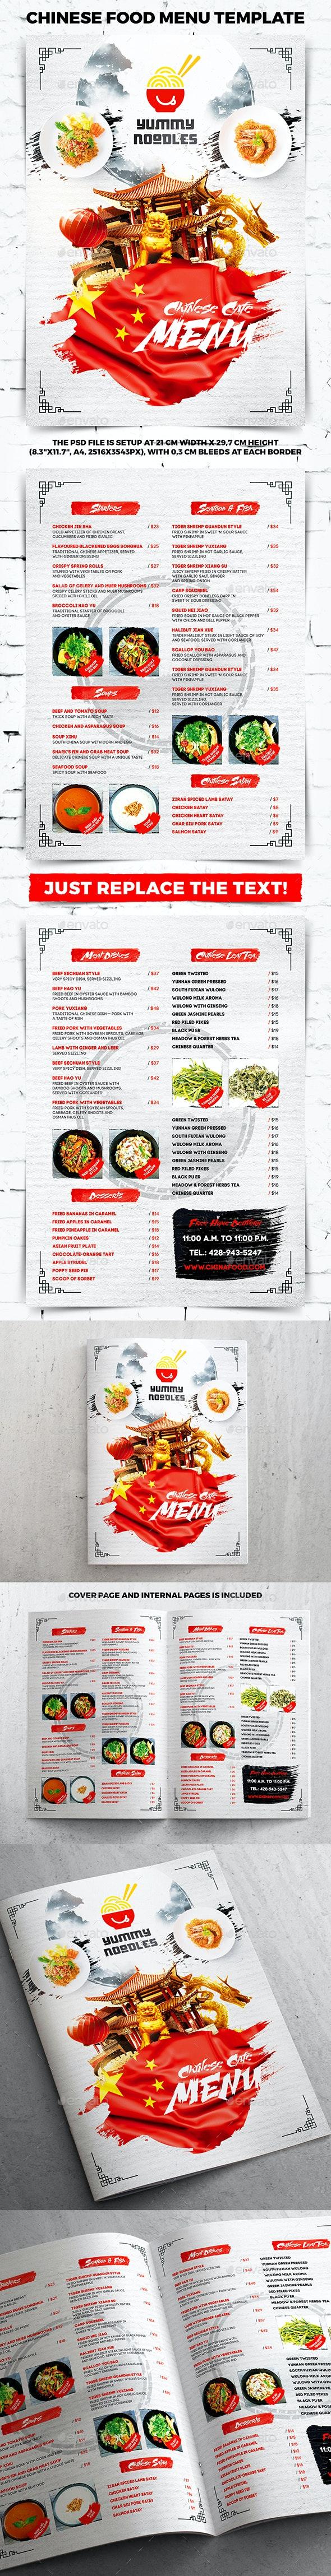 Chinese Food Menu Template - Food Menus Print Templates